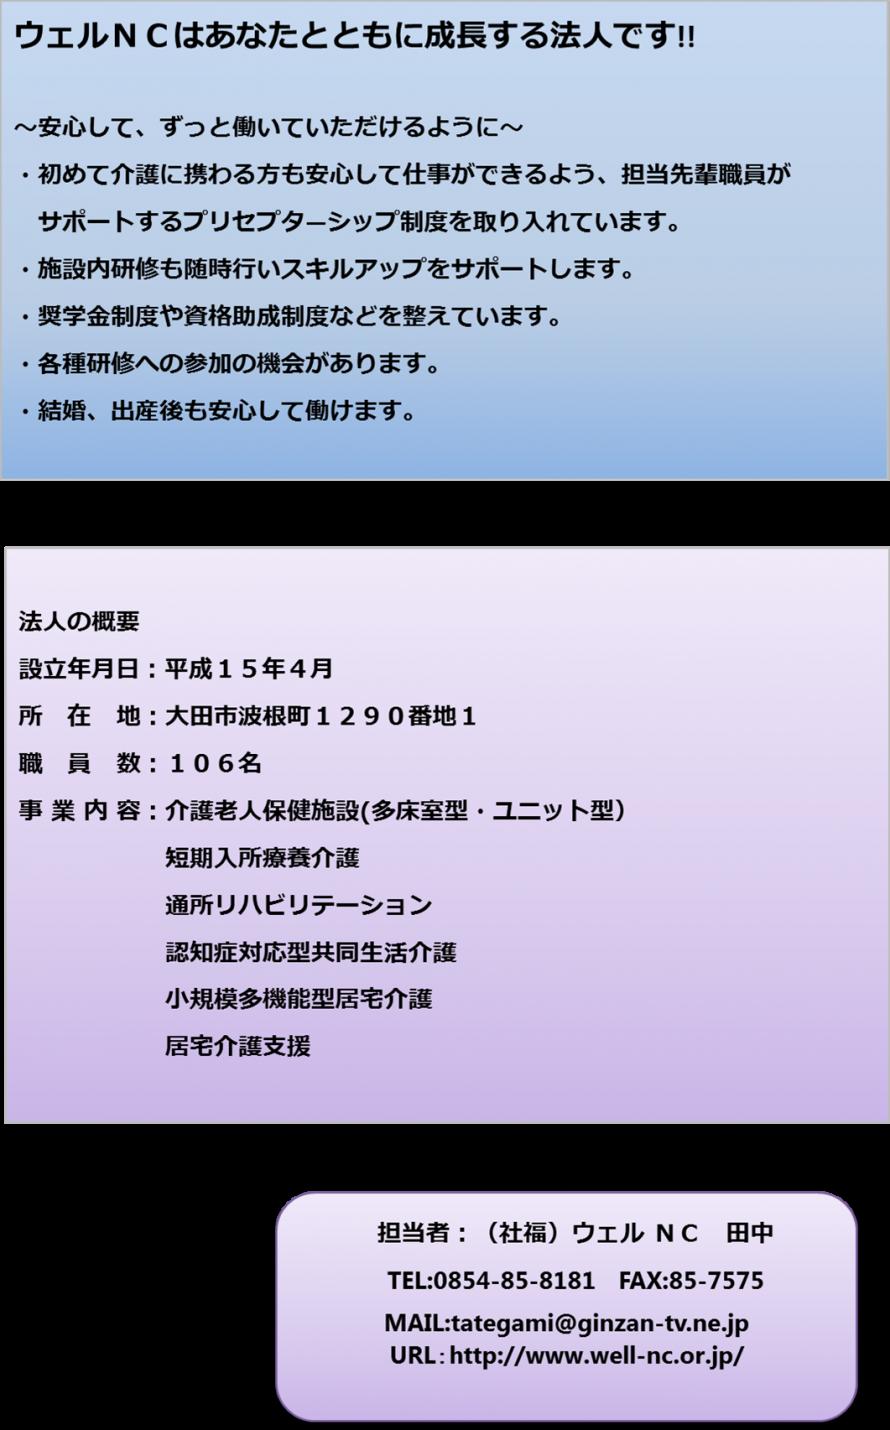 c0d5c3a9c354c541c40b76f5c9581cff1